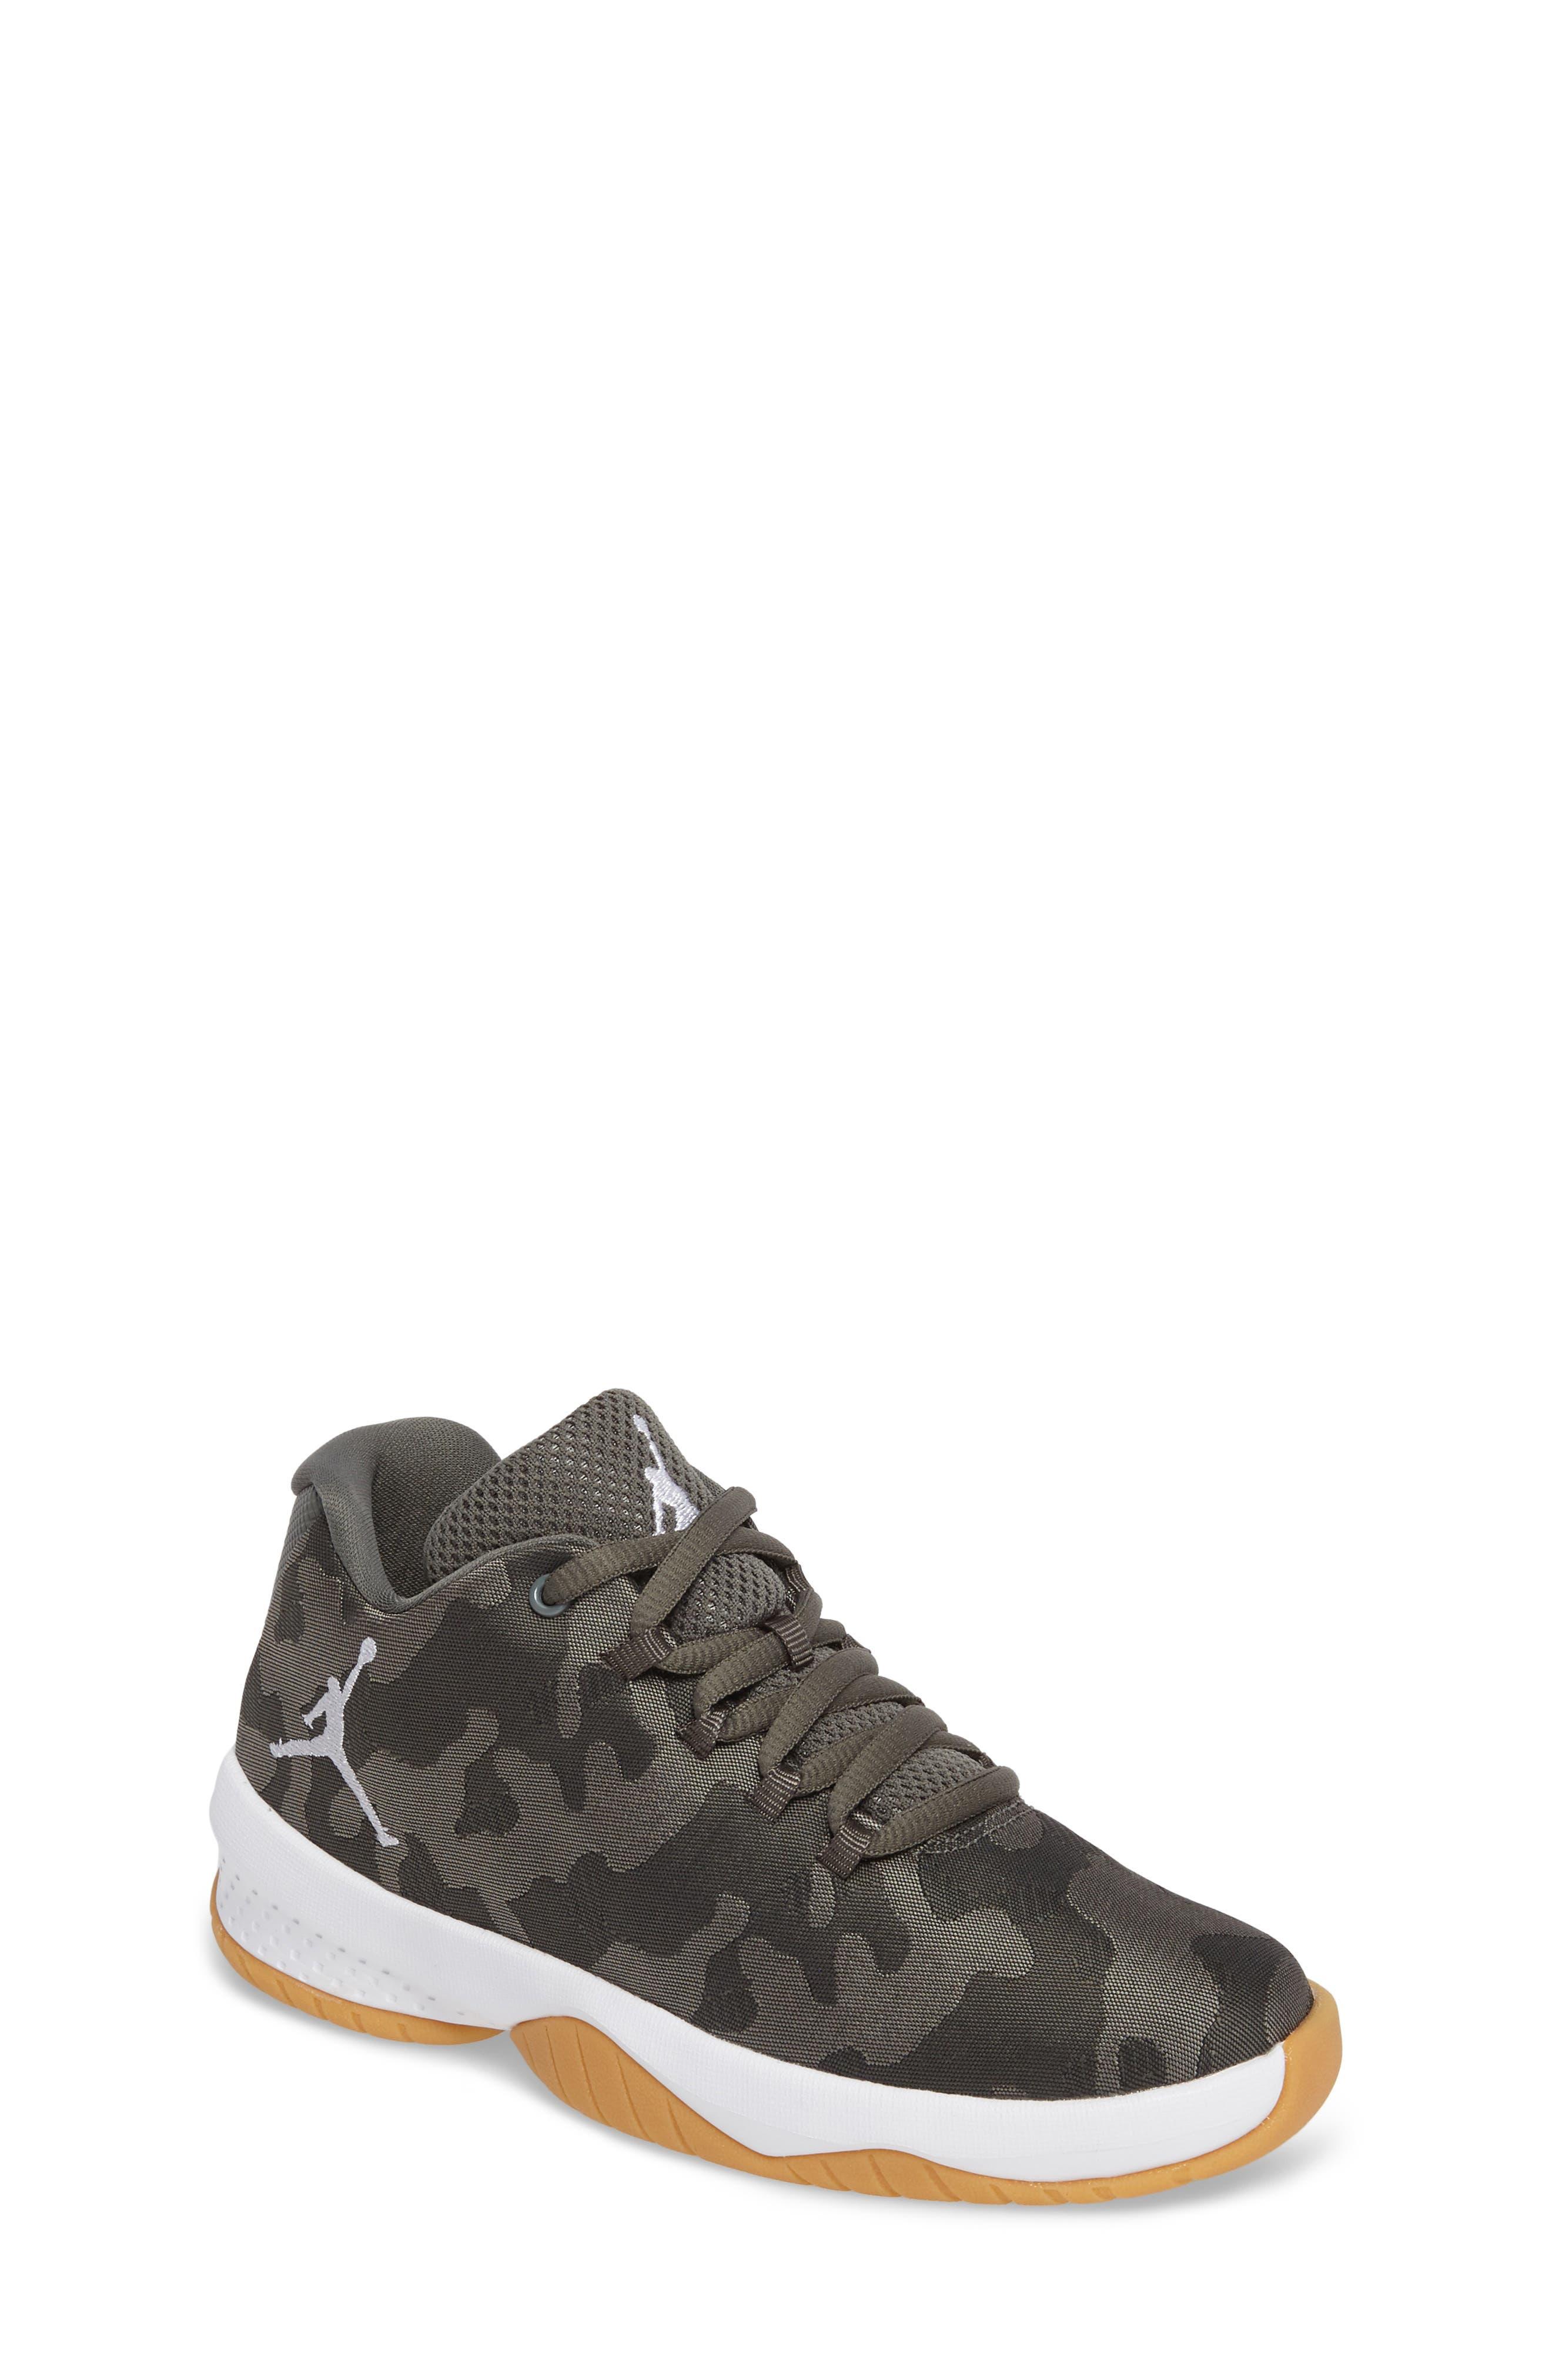 Alternate Image 1 Selected - Nike Jordan B. Fly Basketball Shoe (Toddler & Little Kid)